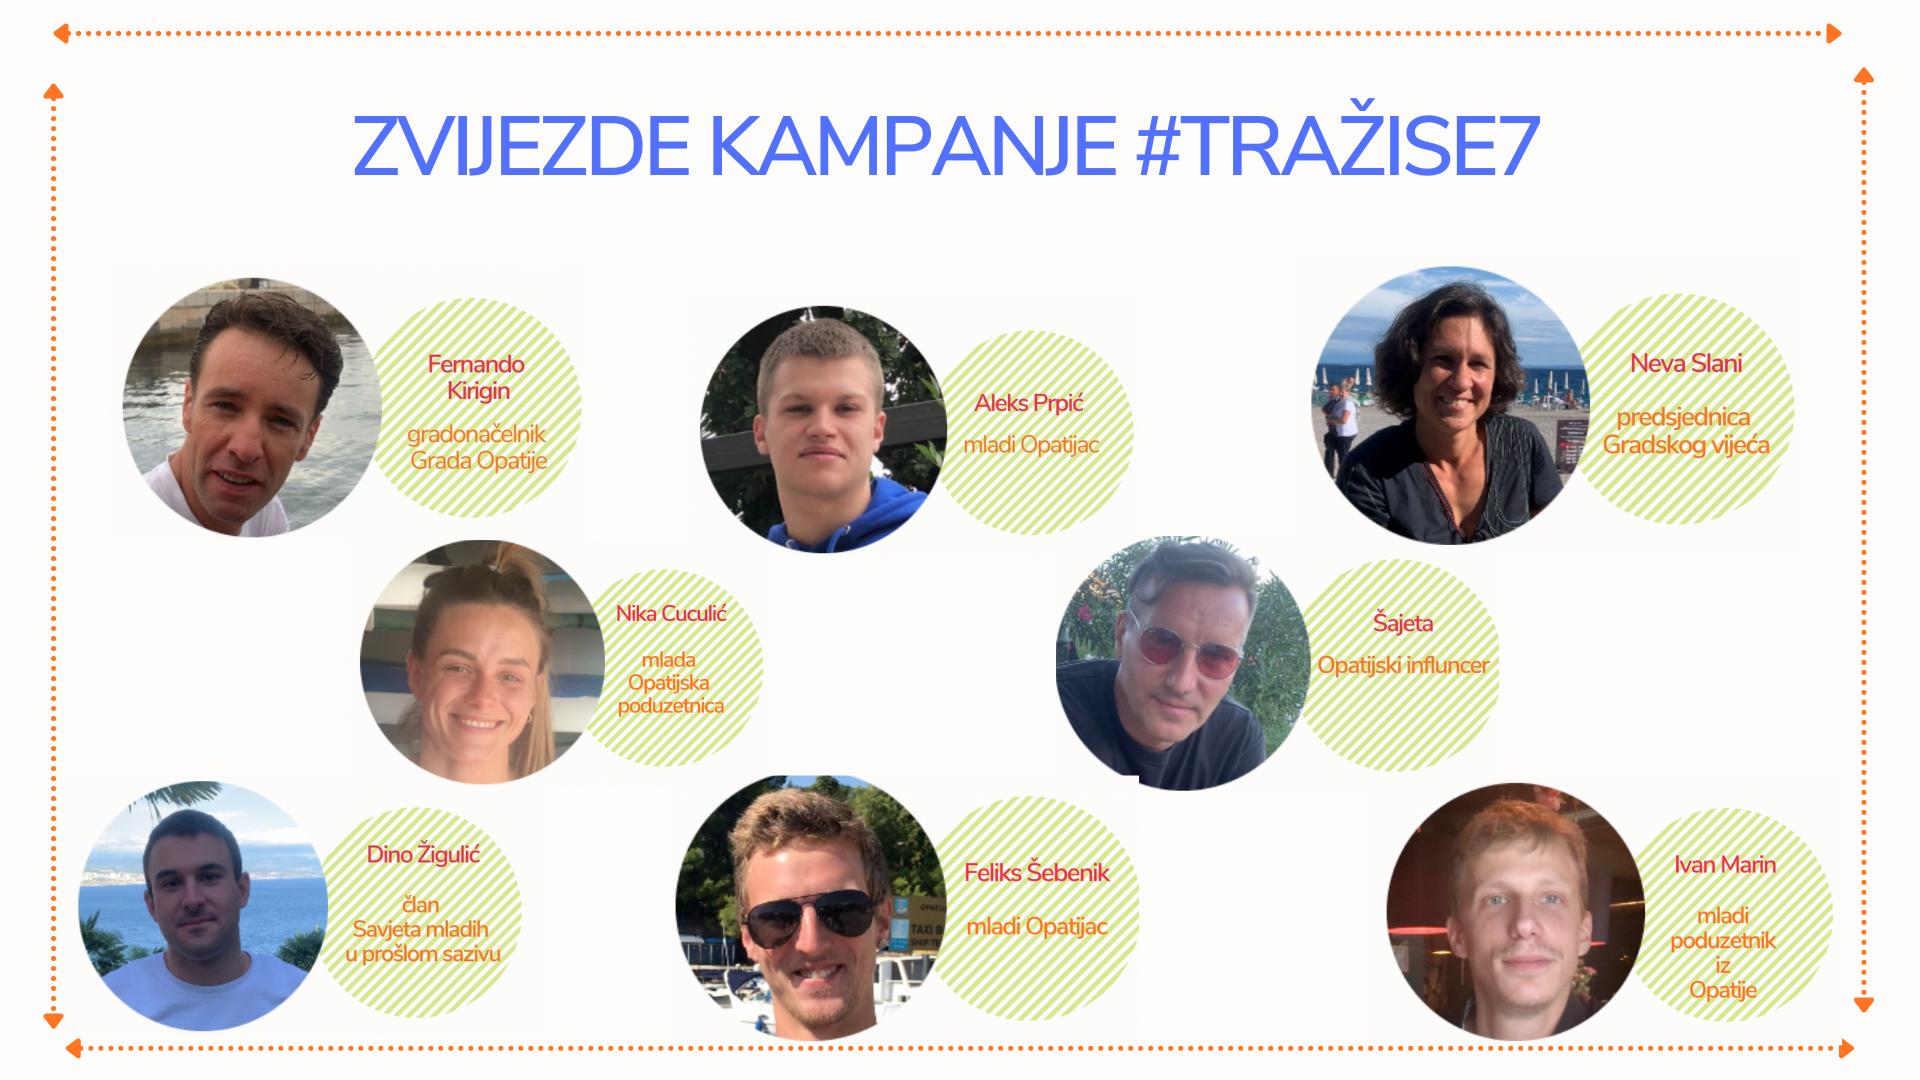 Zvijezde kampanje #tražise7